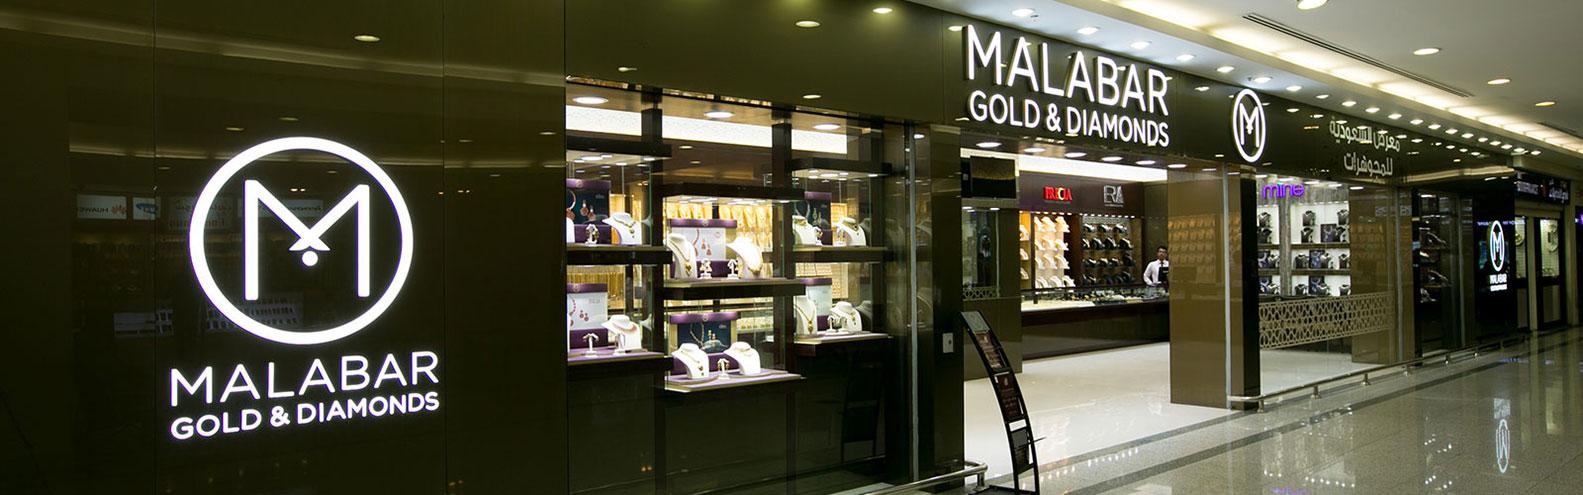 Malabar Gold & Diamonds Stores in Batha, Riyadh